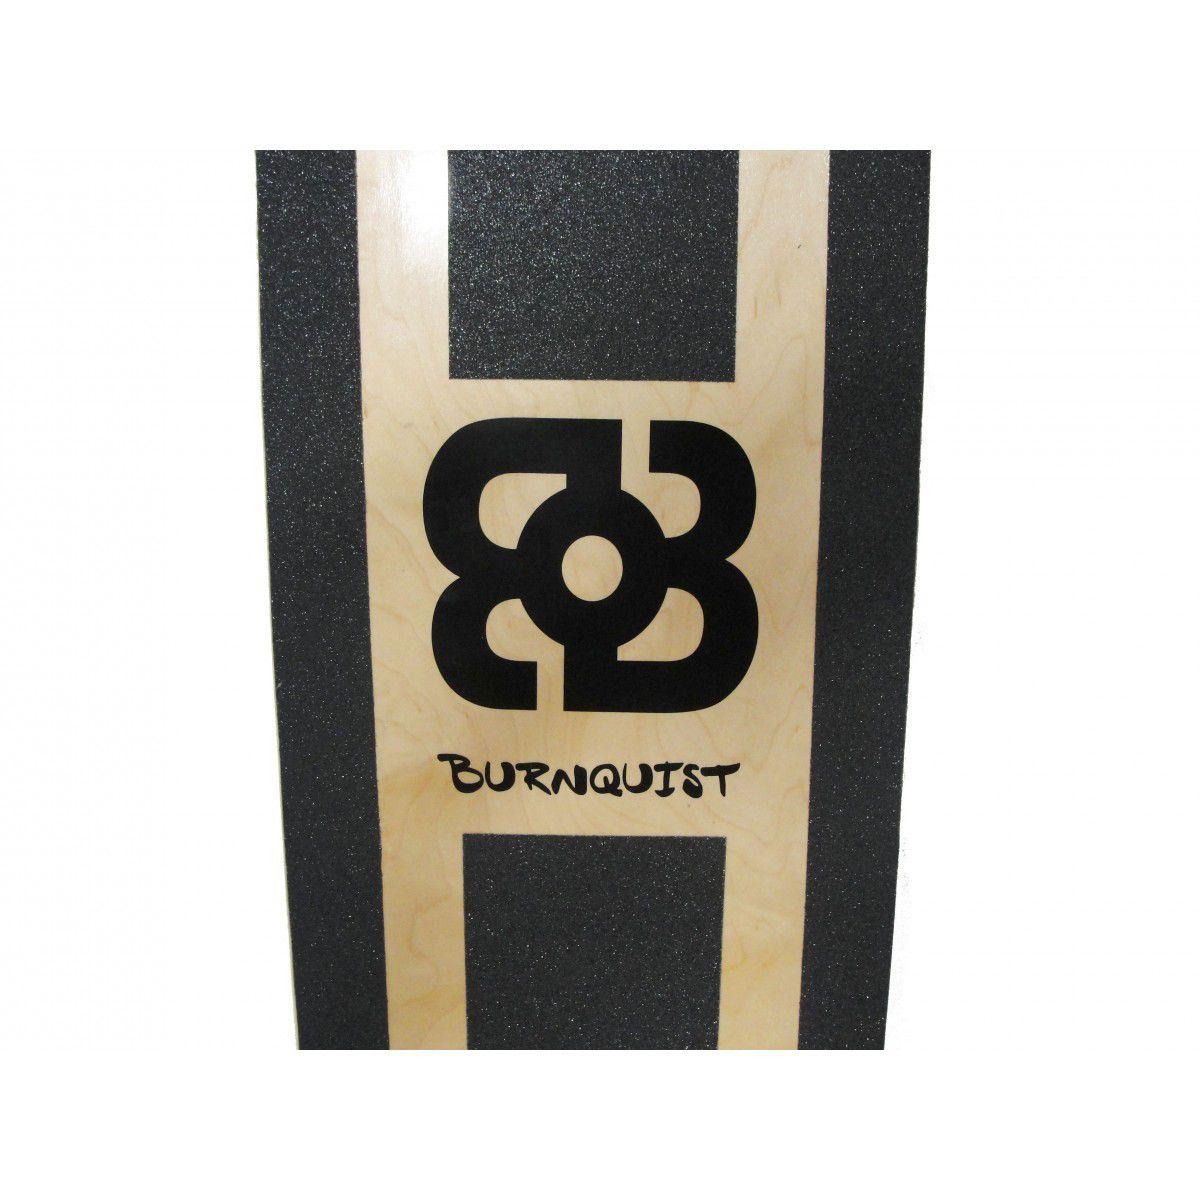 Longboard Profissional Freestyle 4 ou Street  + Kit Proteçao Brinde  Bob Burnquist Skate  - es016 Multilaser